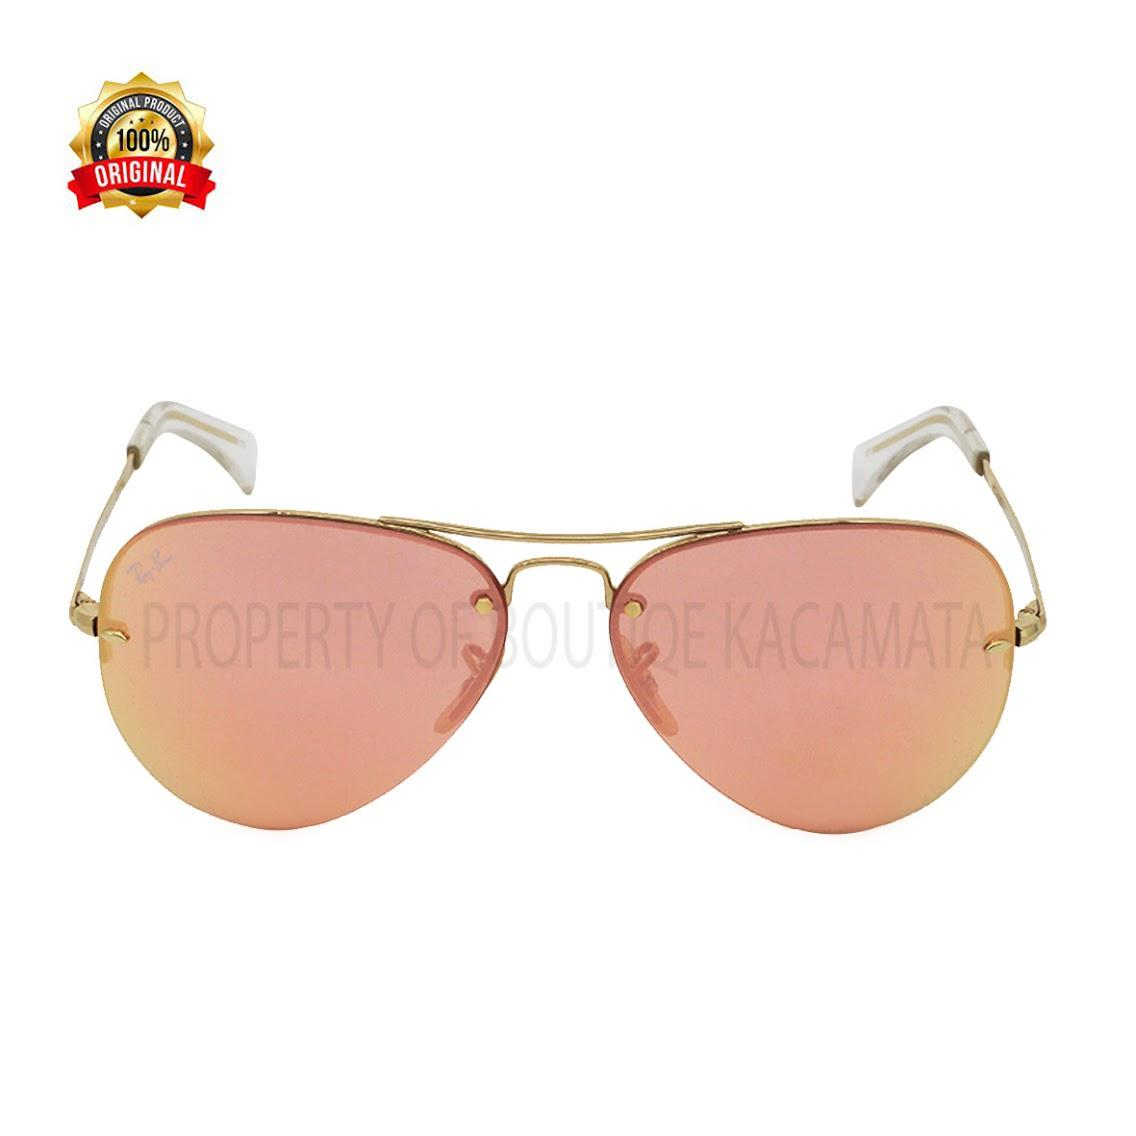 Produk Ray-Ban Sunglasses Original  a80a3ff2fd